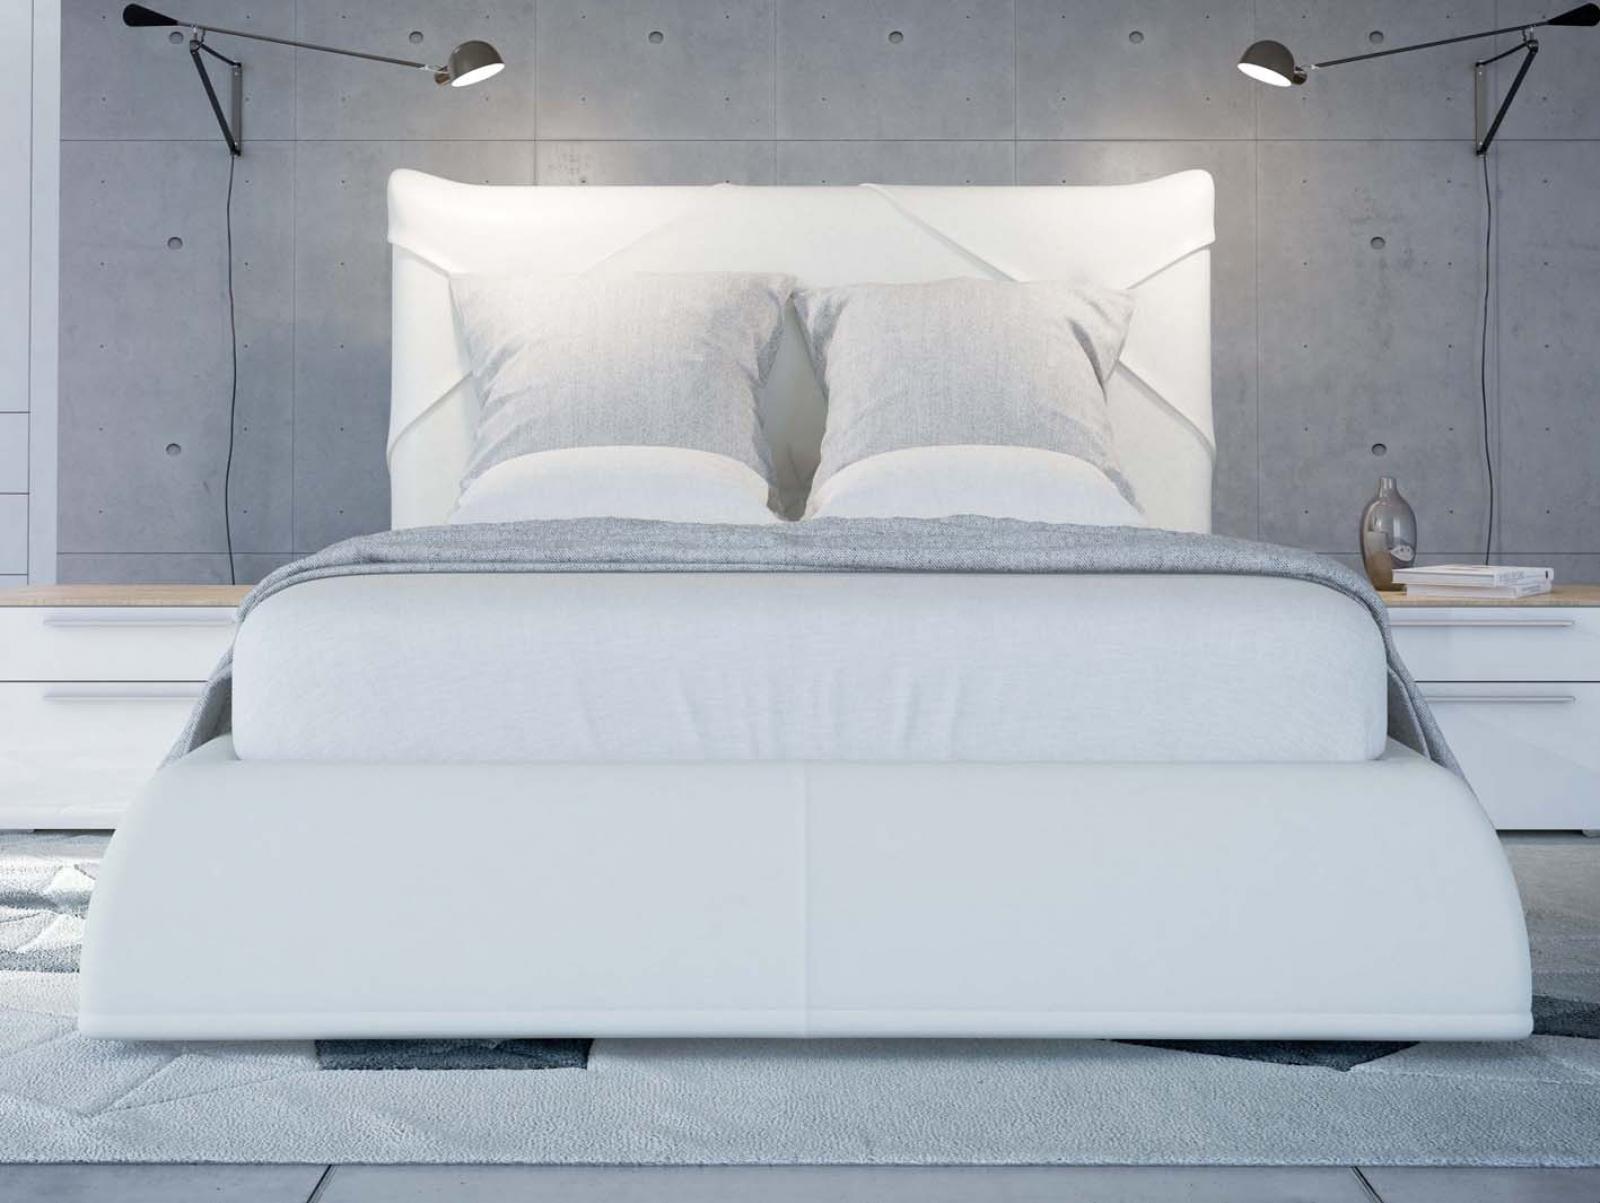 SOLO Коричневый глянец 800.0816-K Кровать для подъемного основания  1600*2000 - 1